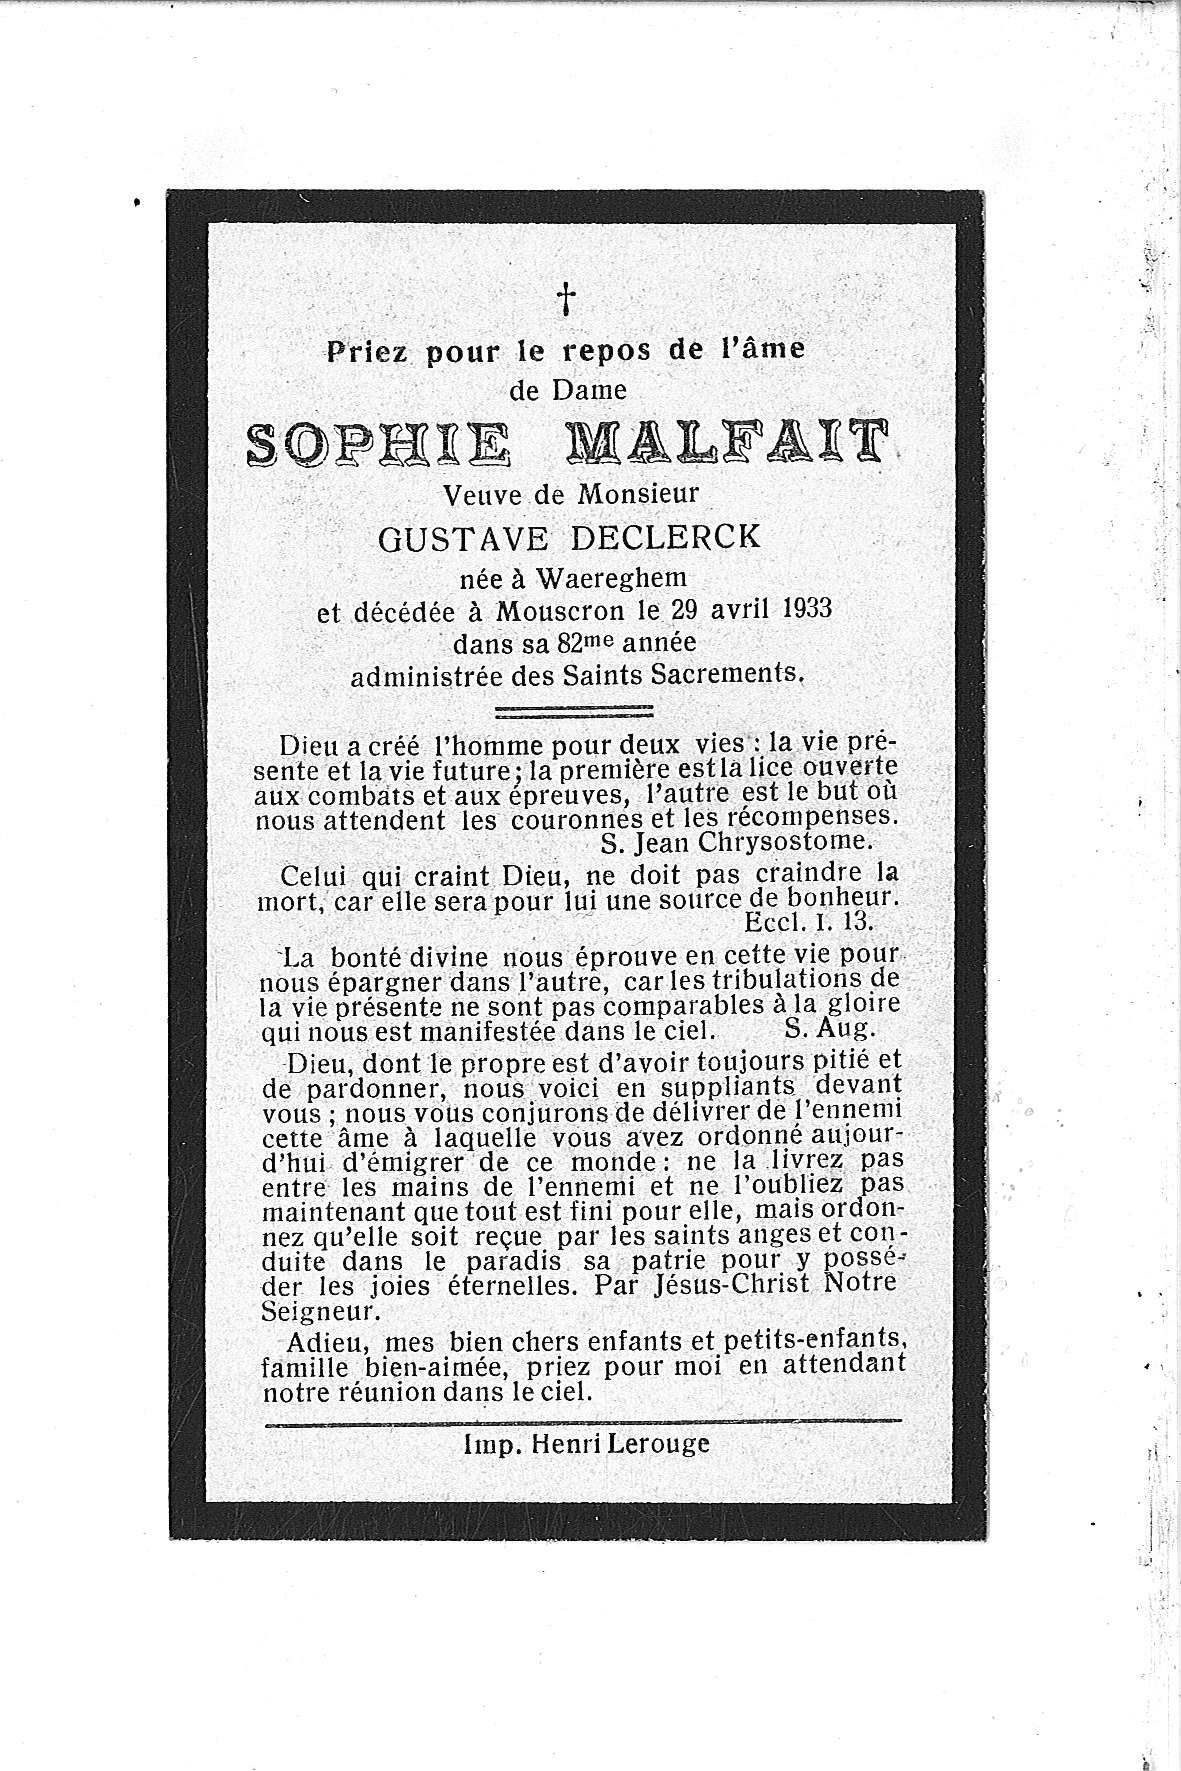 Sophie (1933) 20111121154356_00255.jpg